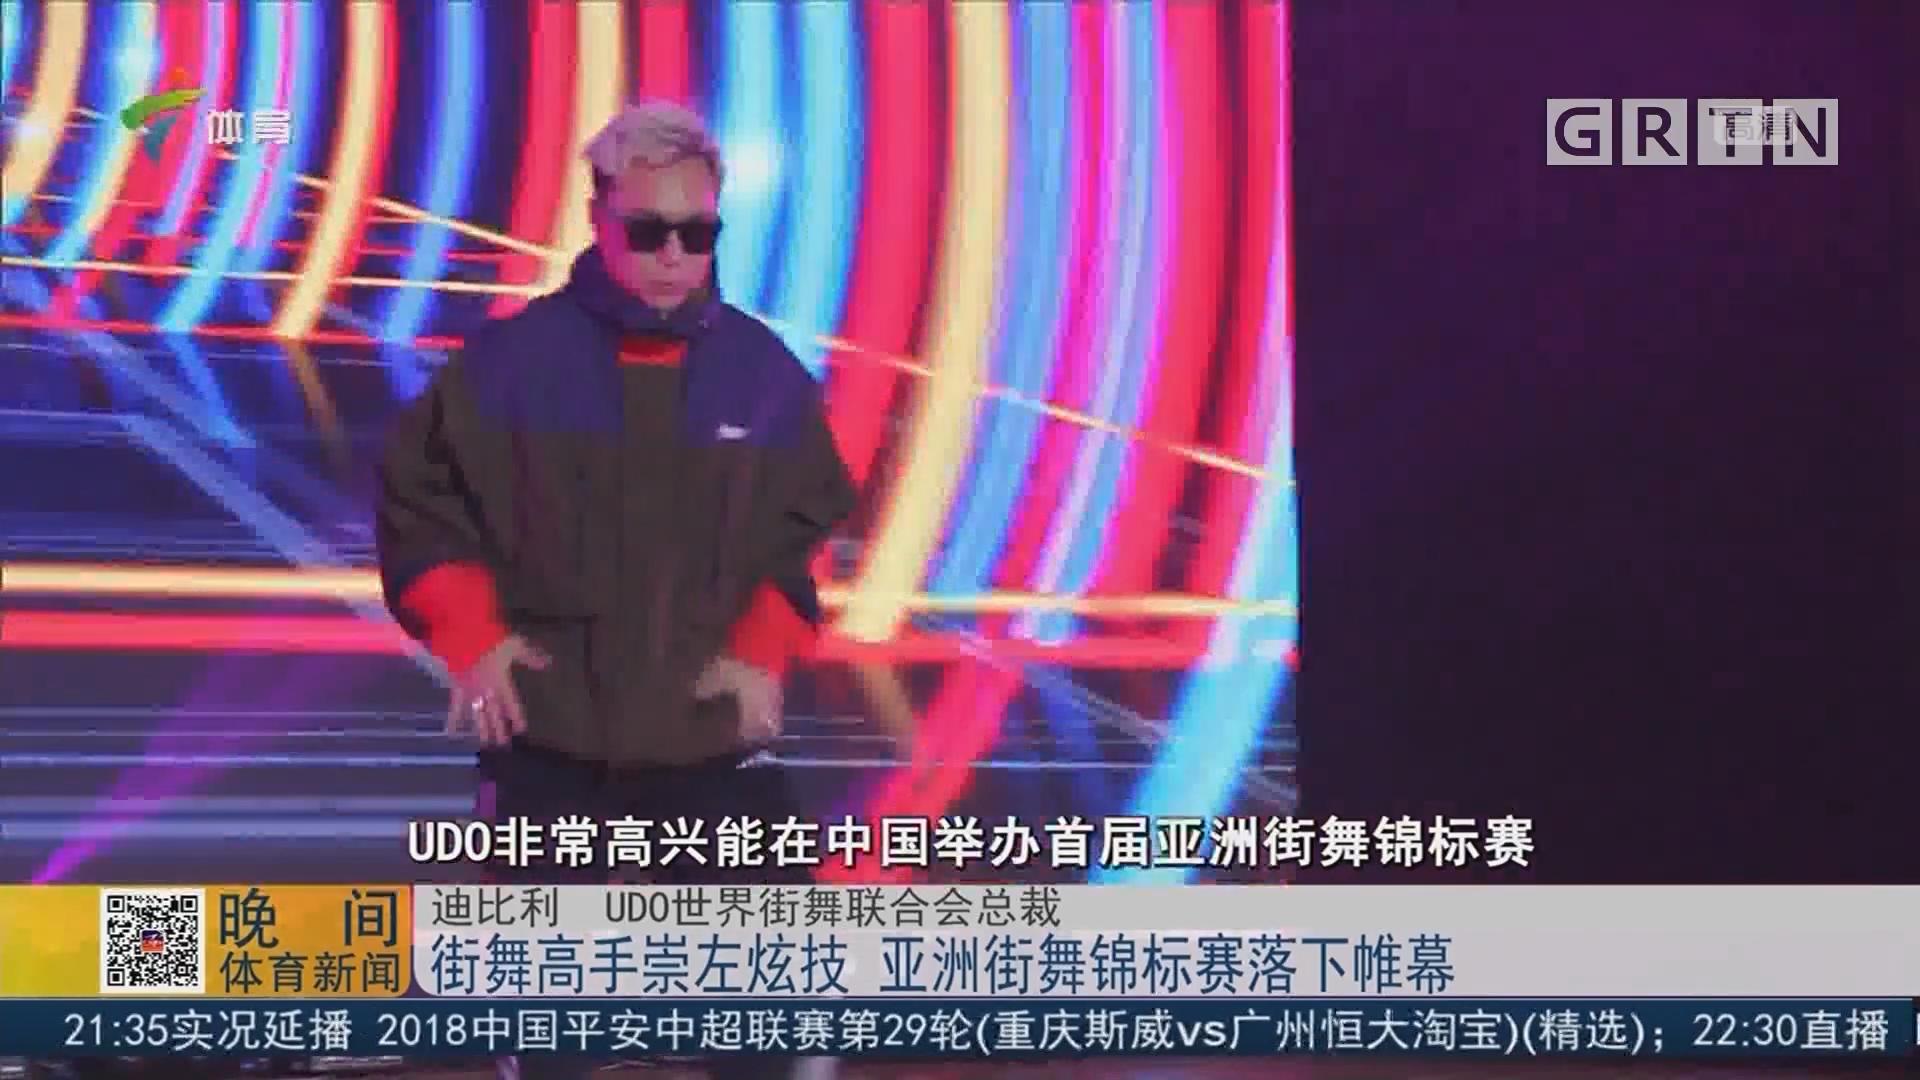 街舞高手崇左炫技 亚洲街舞锦标赛落下帷幕